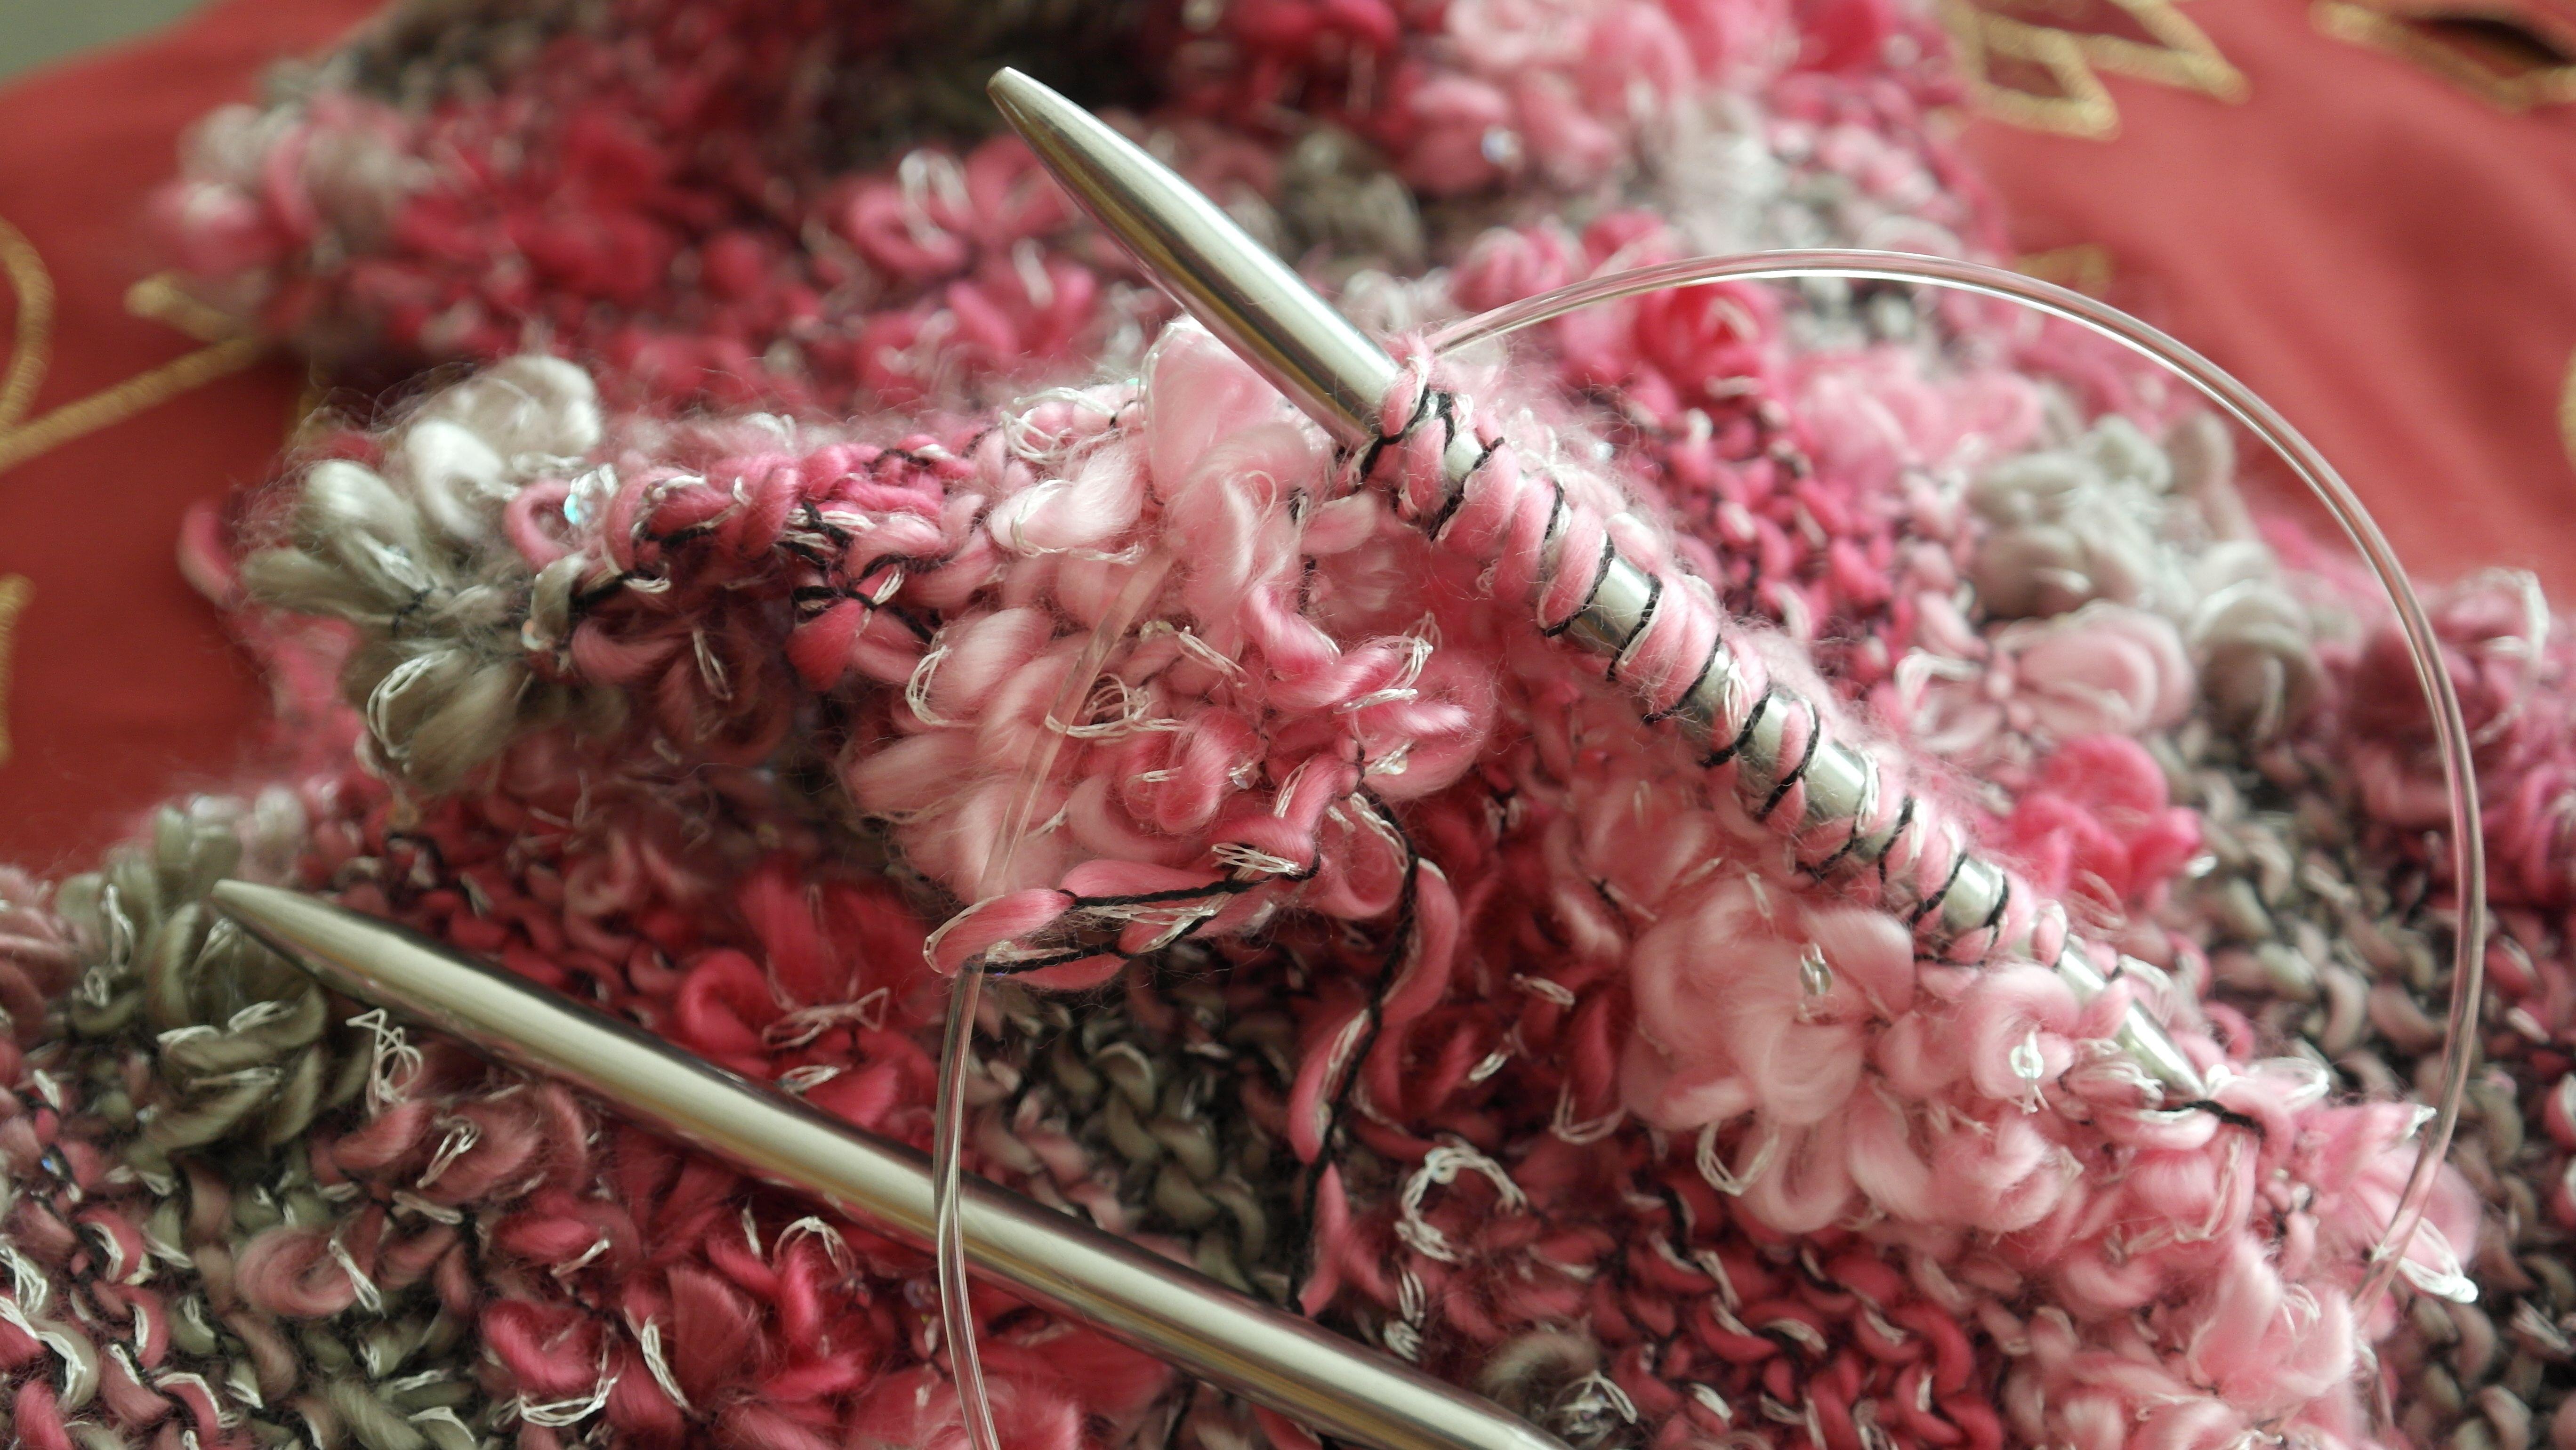 images gratuites   fleur  repas  aliments  produire  color u00e9  la laine  aiguilles  color u00e9